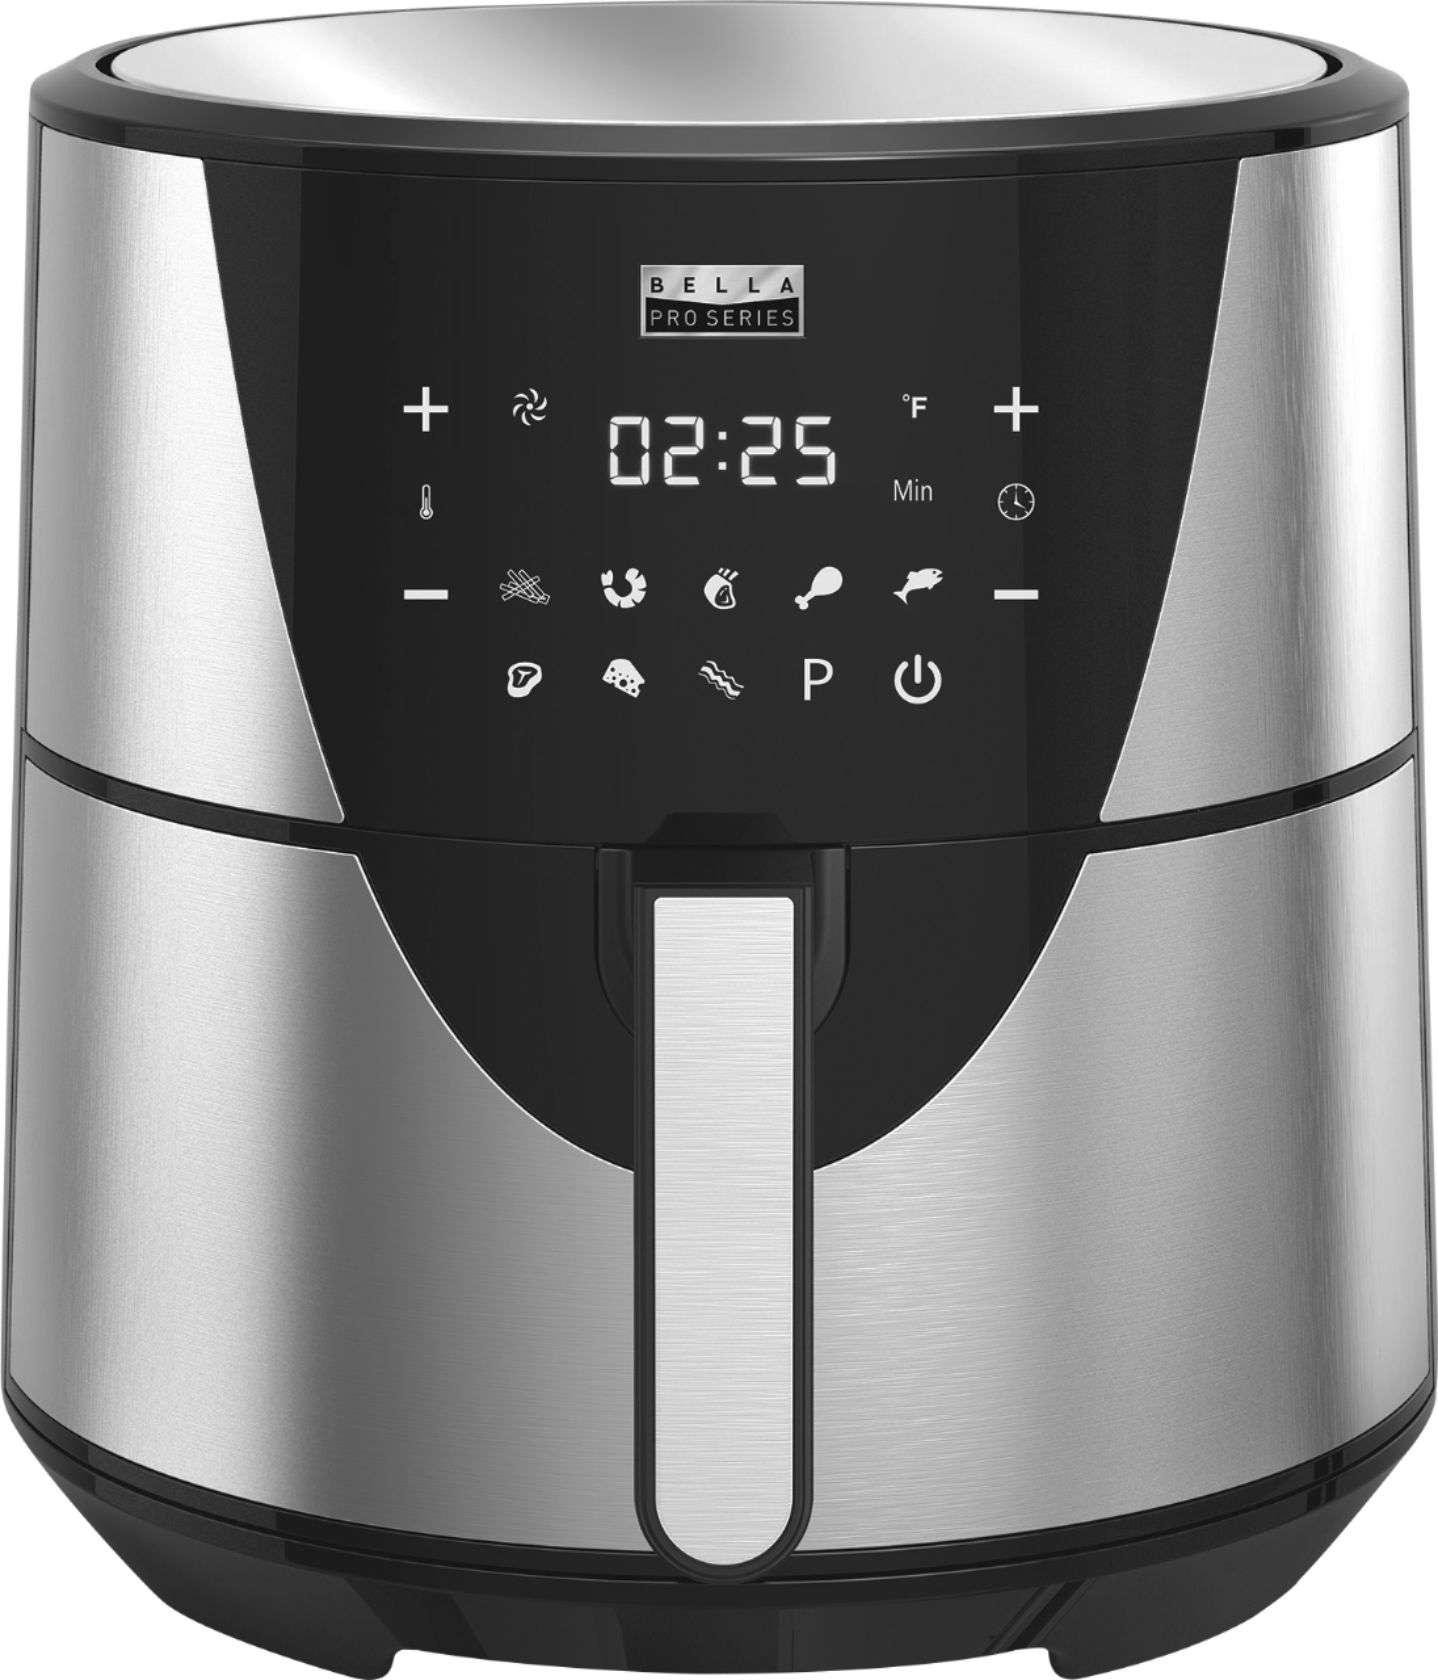 Bella Pro Series 8qt Digital Air Fryer